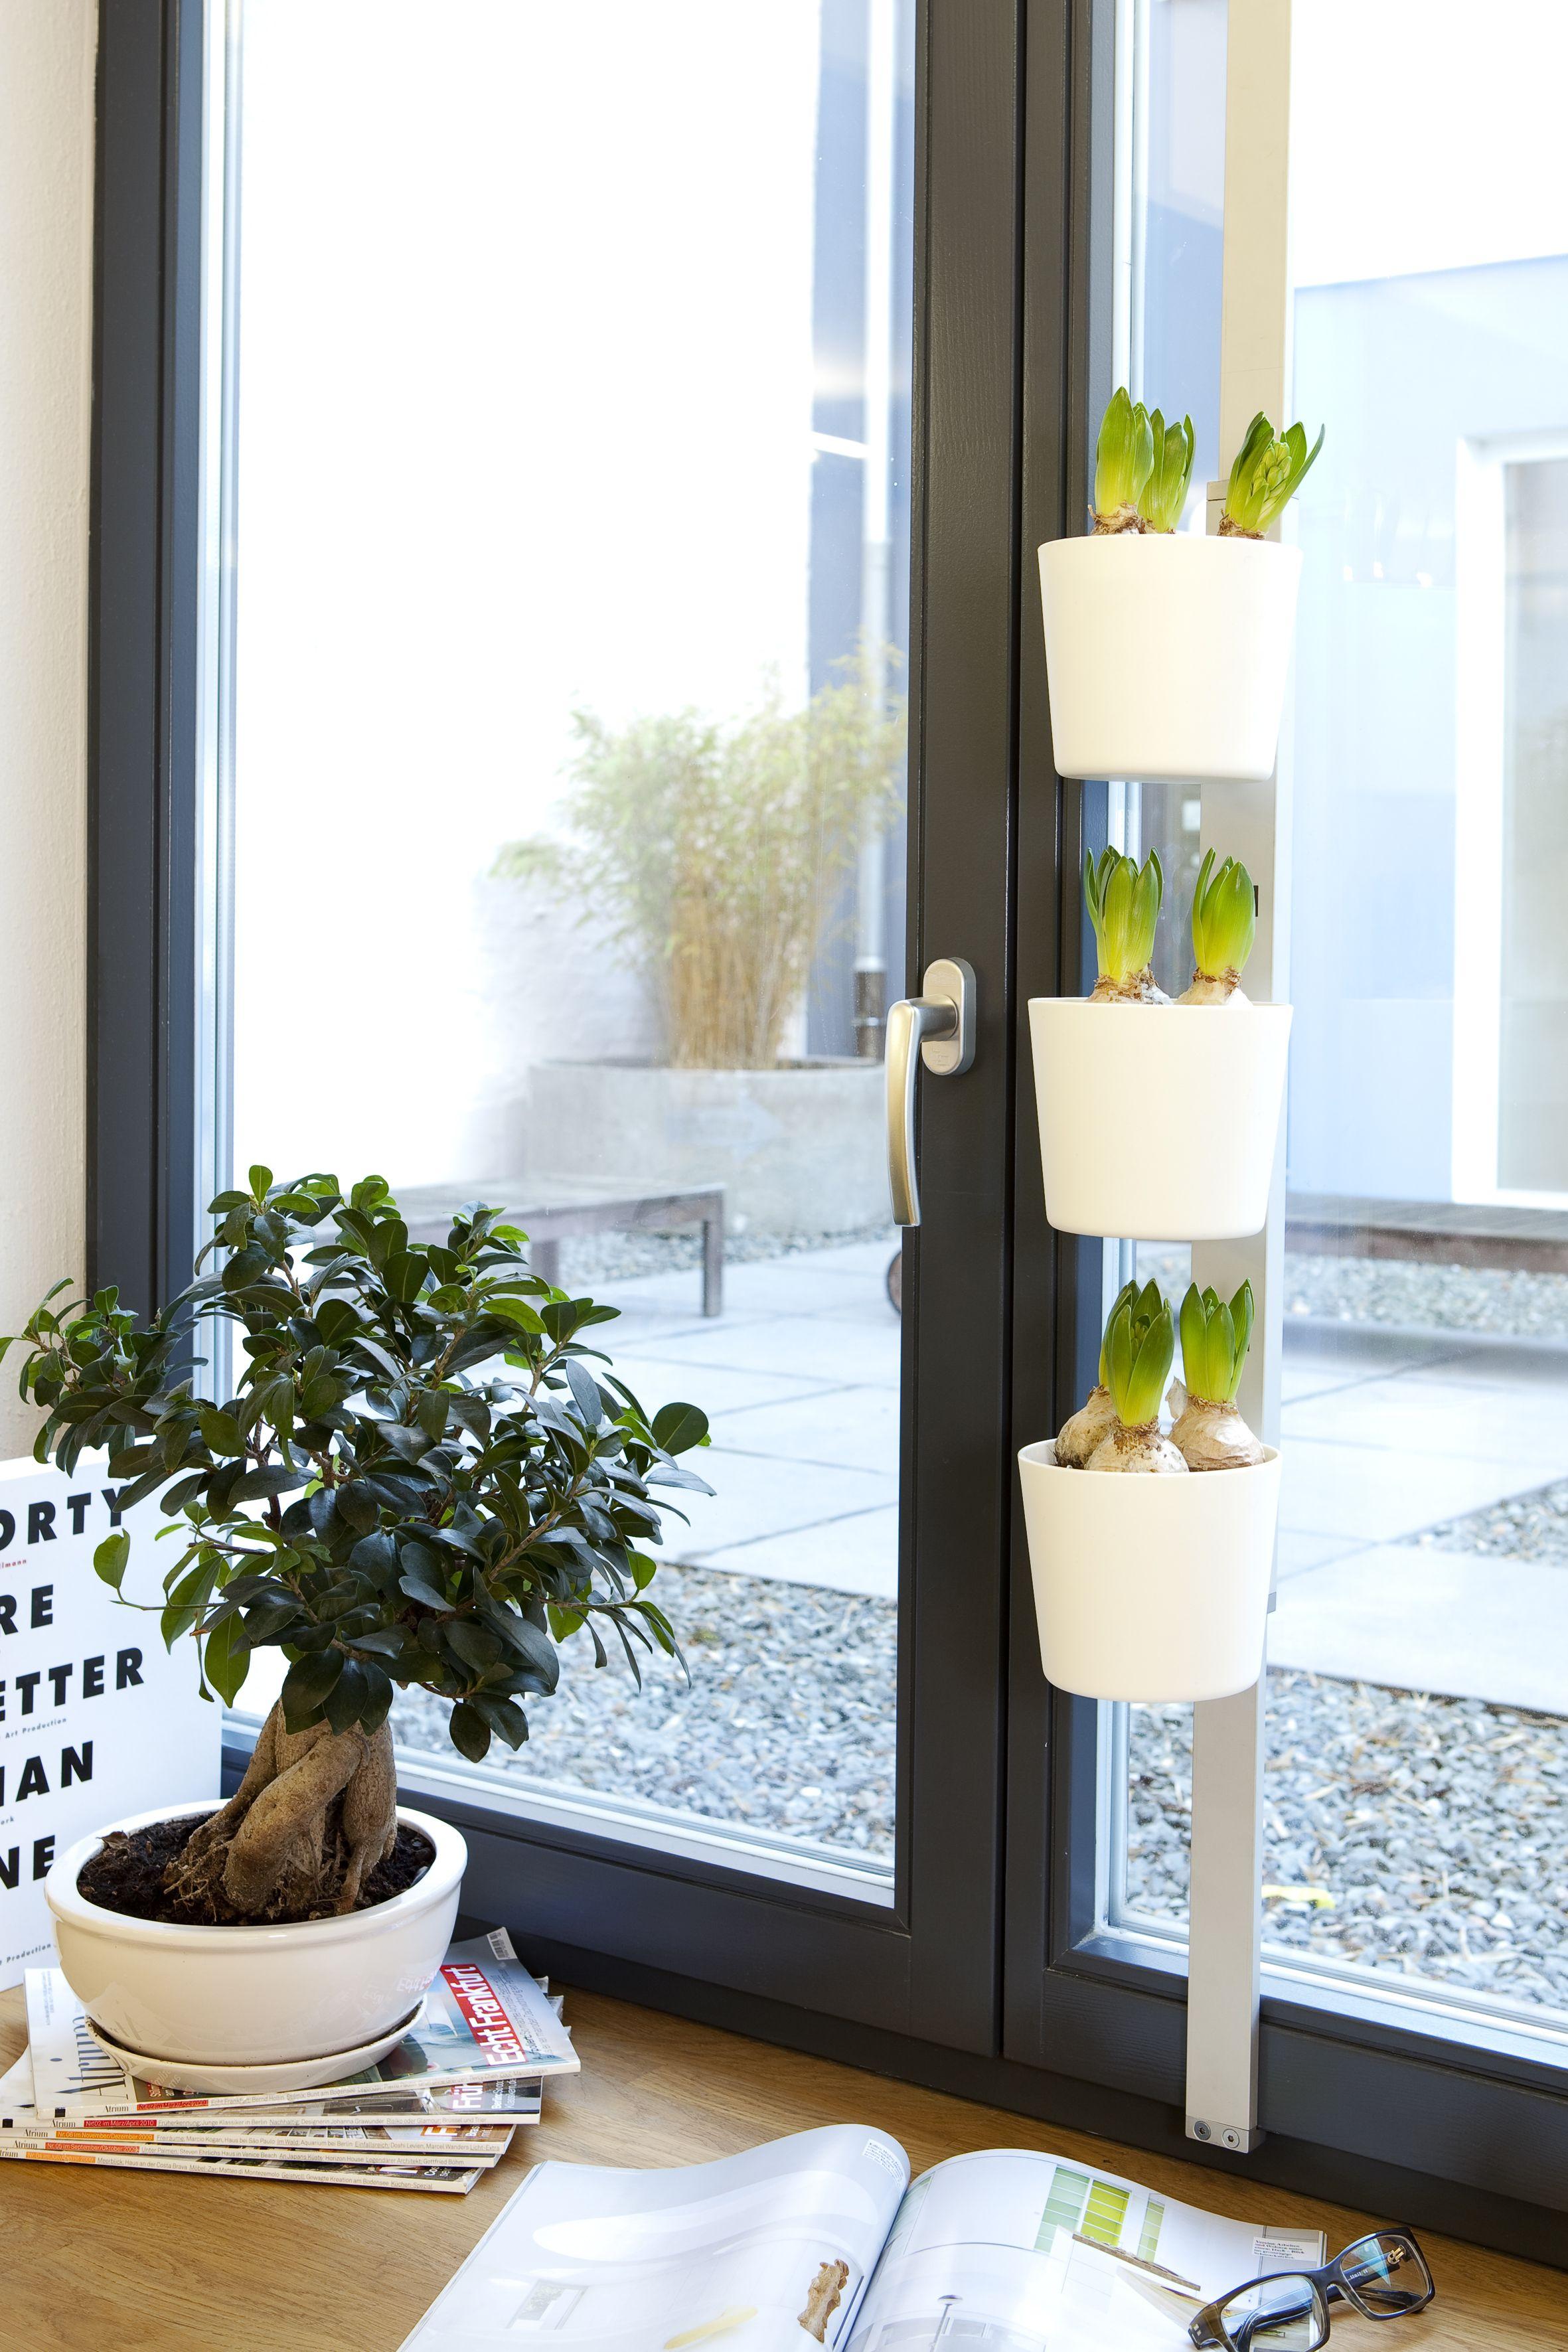 Design3000 Praktische Krauterleiter Mit Drei Topfen Und Teleskopstange Zum Einklemmen Krauterleiter Pflanzenleiter Blumentopf Weiss